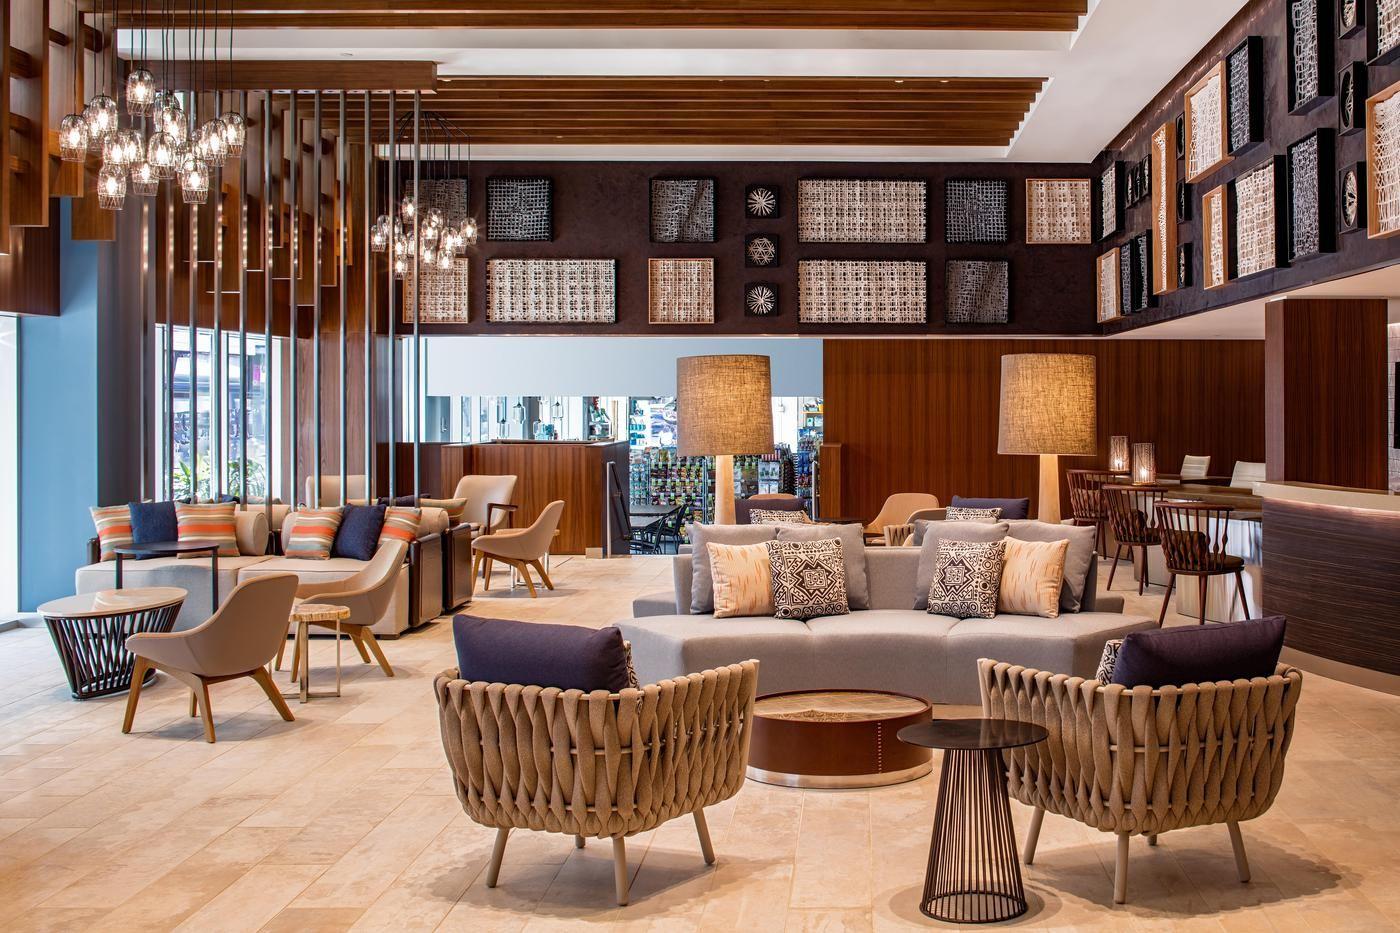 Hilton Garden Inn Waikiki Hotel Lounge Hilton Garden Inn Lounge Design